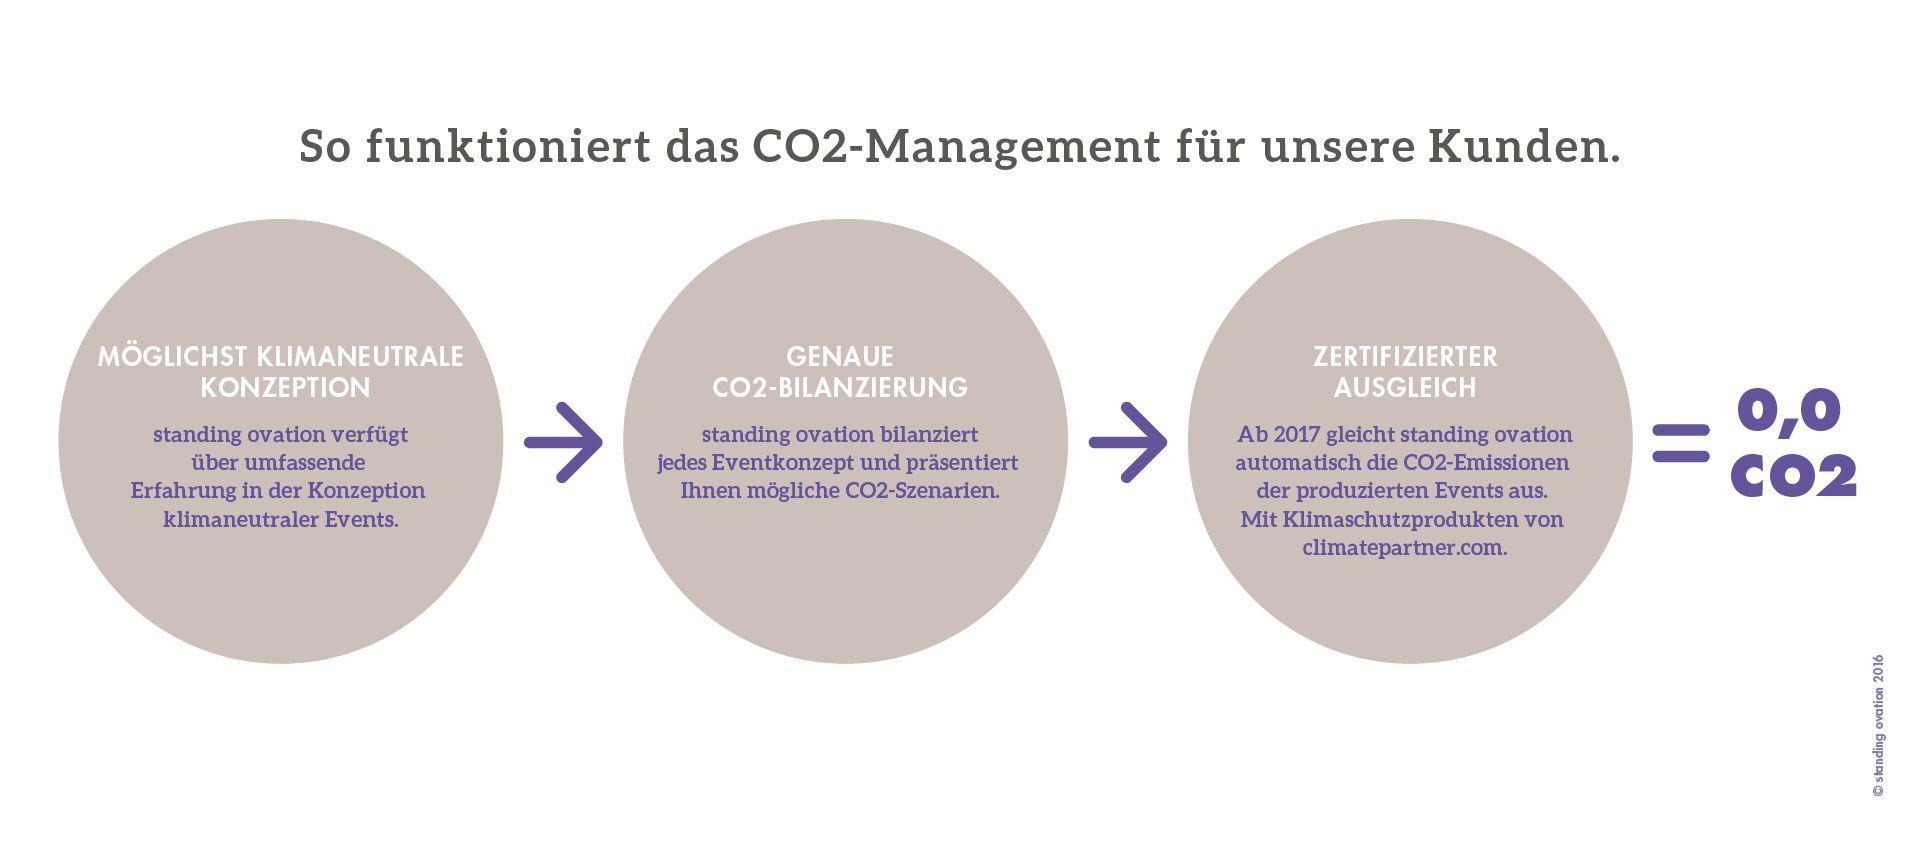 04_Nachhaltigkeit_Grafik_CO2_Management_D